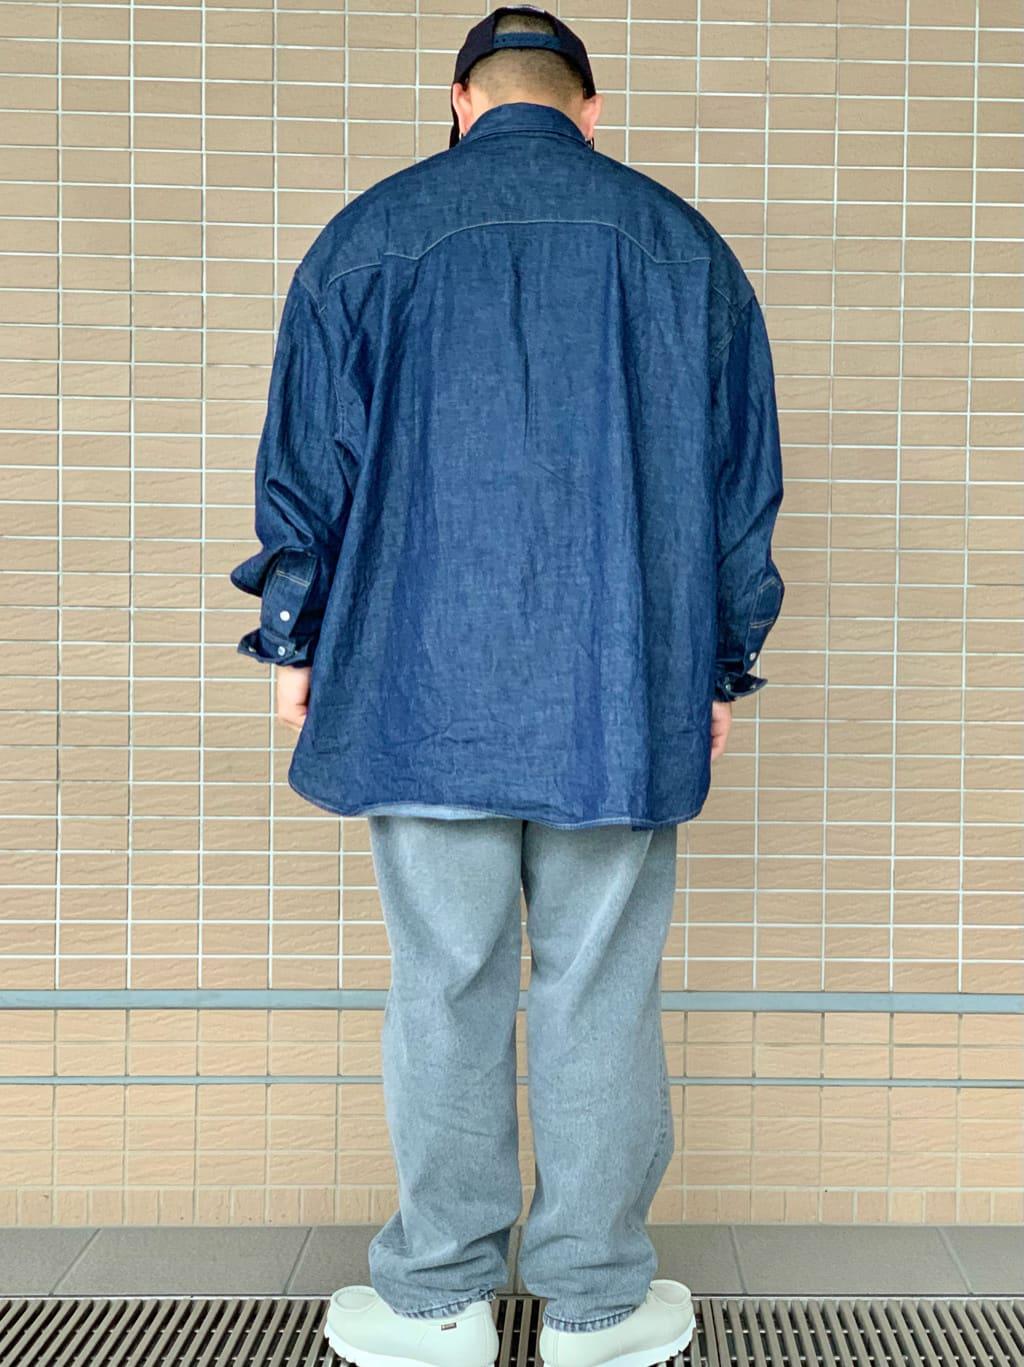 ルクア大阪の番場 祐太郎さんのLeeの【試着対象】SUPERSIZED デニムシャツを使ったコーディネート